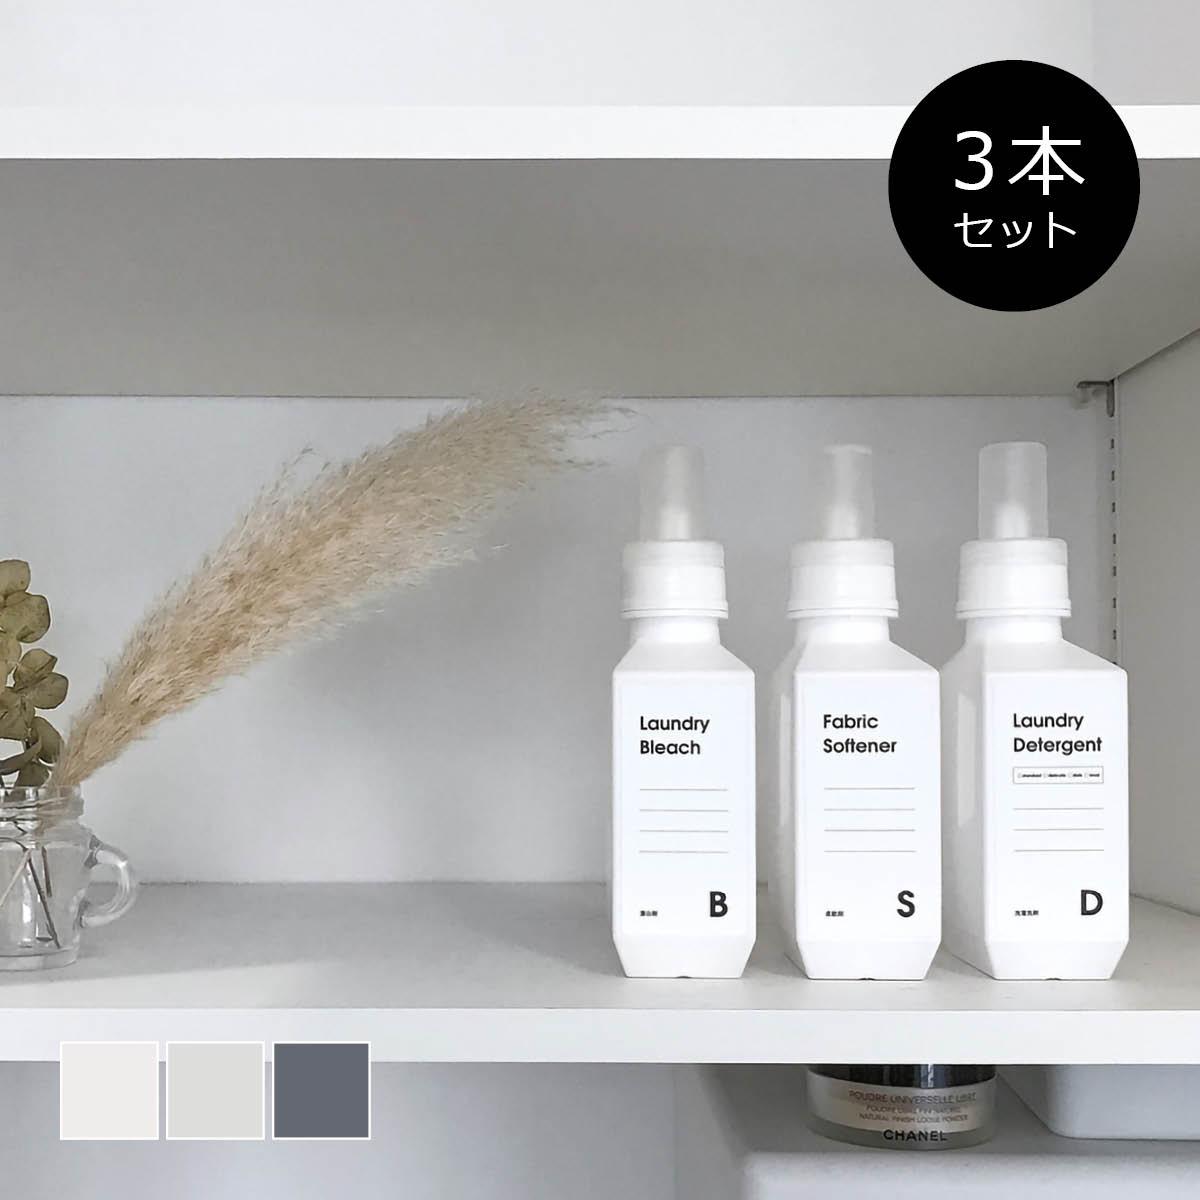 洗濯洗剤 柔軟剤 詰め替えボトル [セット販売●b2c ランドリーボトル-M 700ml【3本入り】] ラベル・シール別売#SL_BO